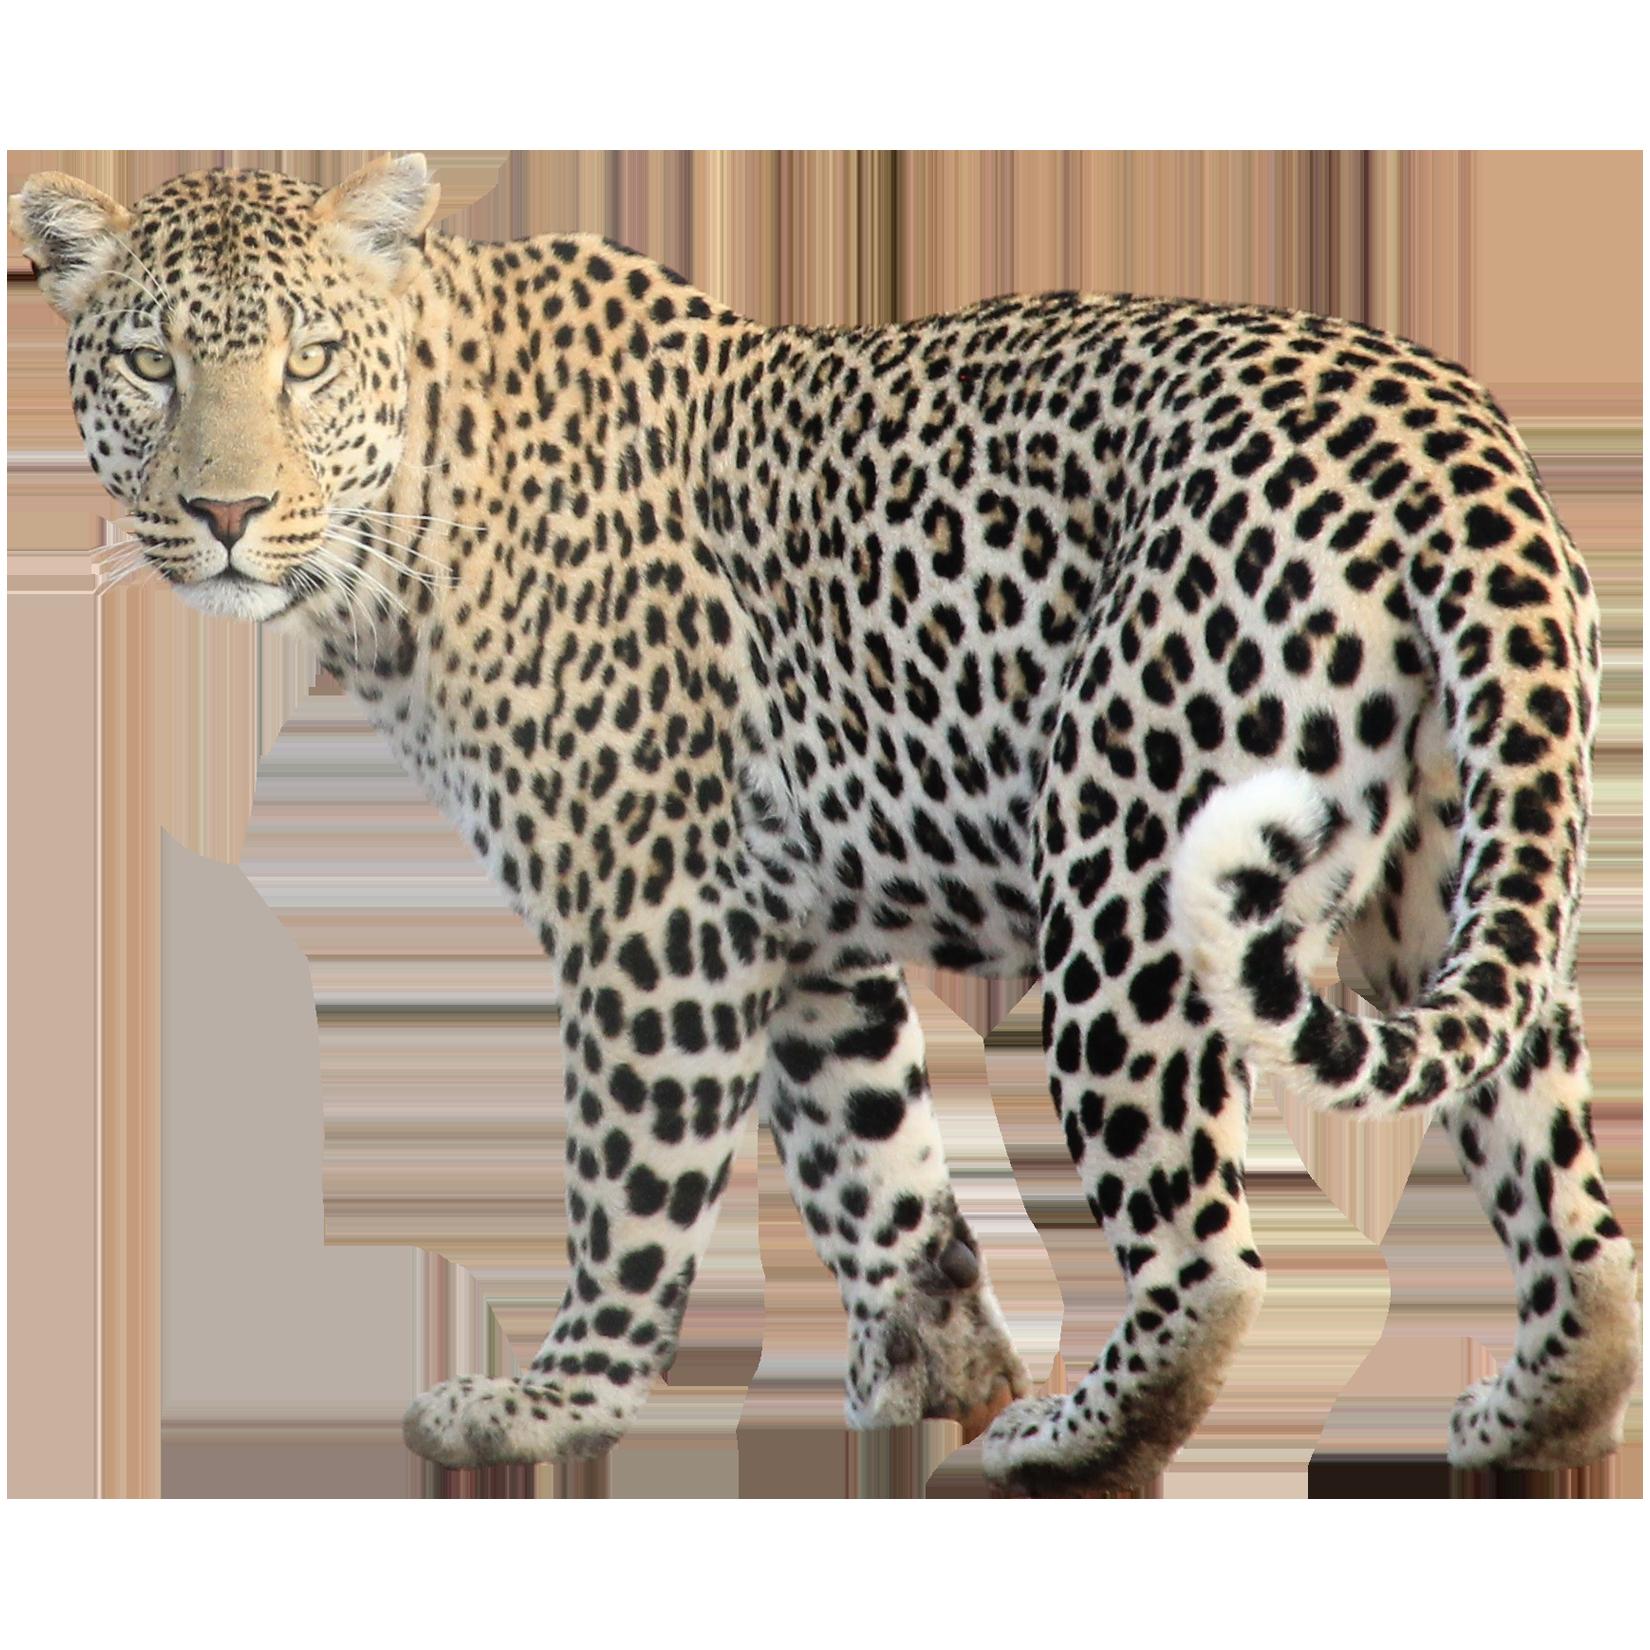 Leopard Big Cat PNG 210x210 - Leopard PNG Transparent Free Images - Big Cat PNG